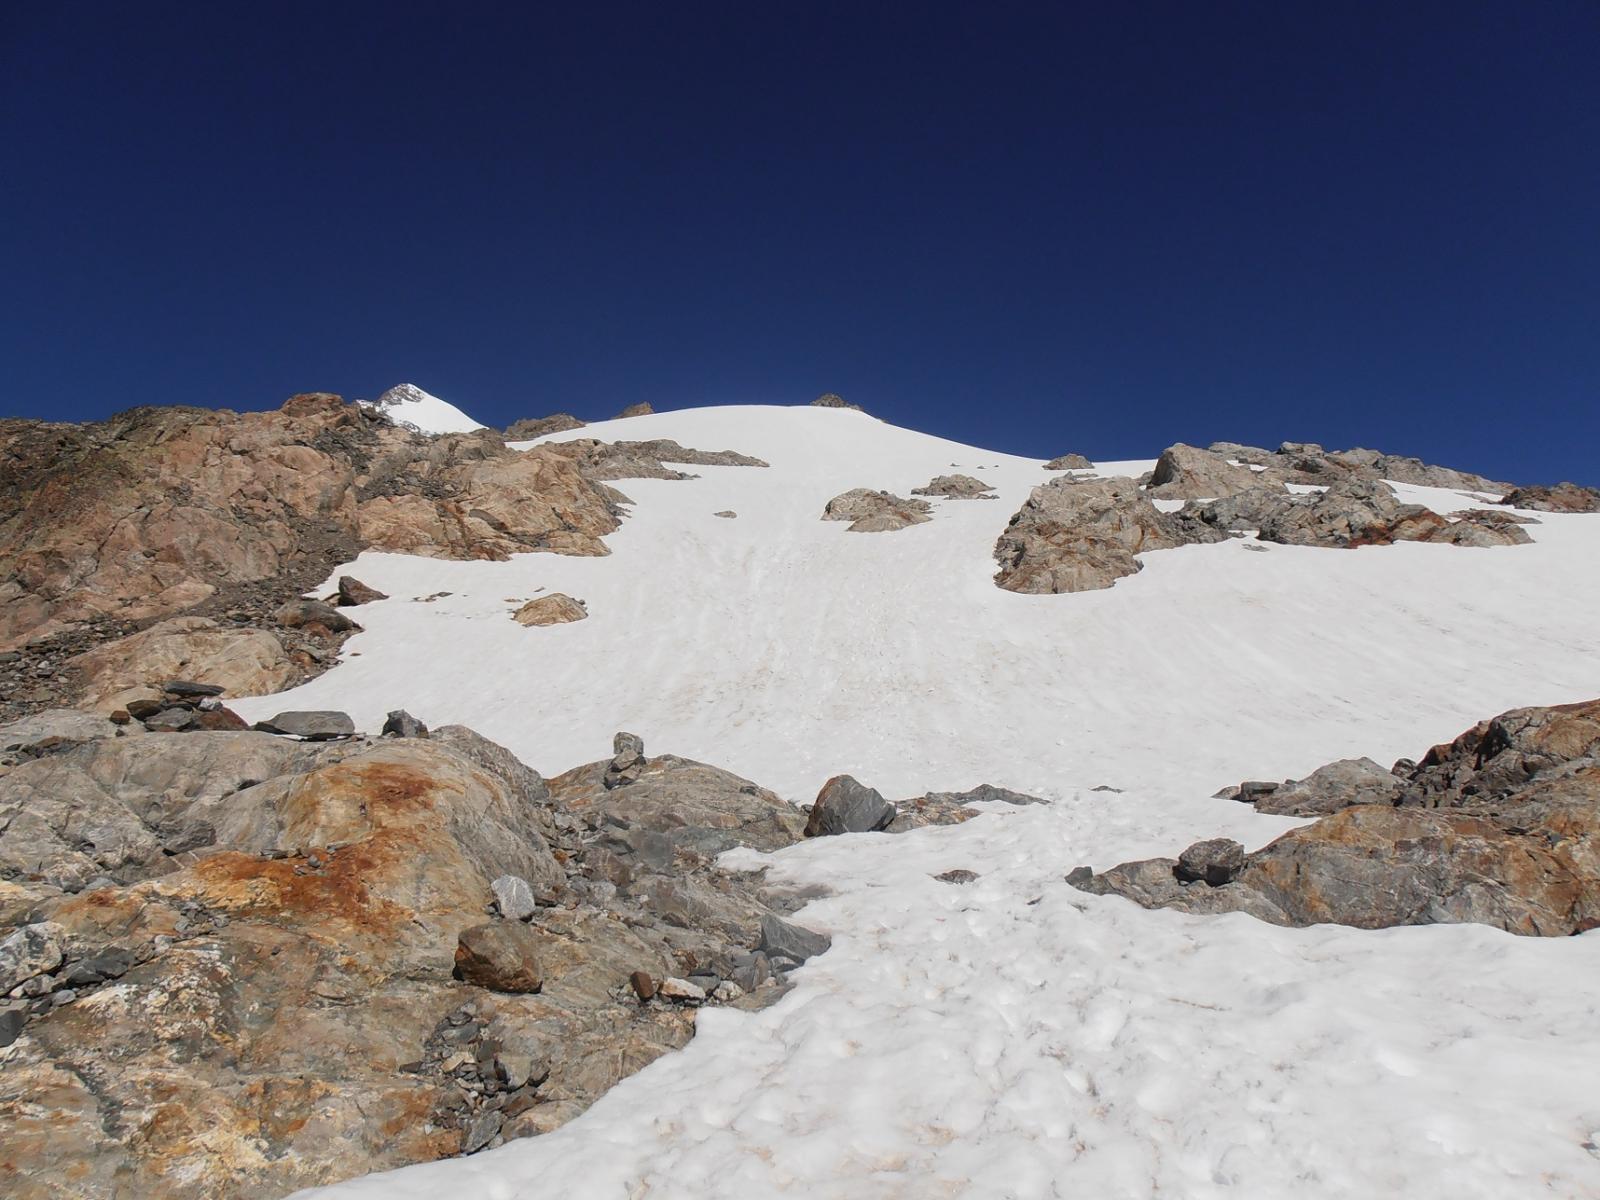 08 - inizio ghiacciaio dal bivacco, tutta neve, no ghiaccio